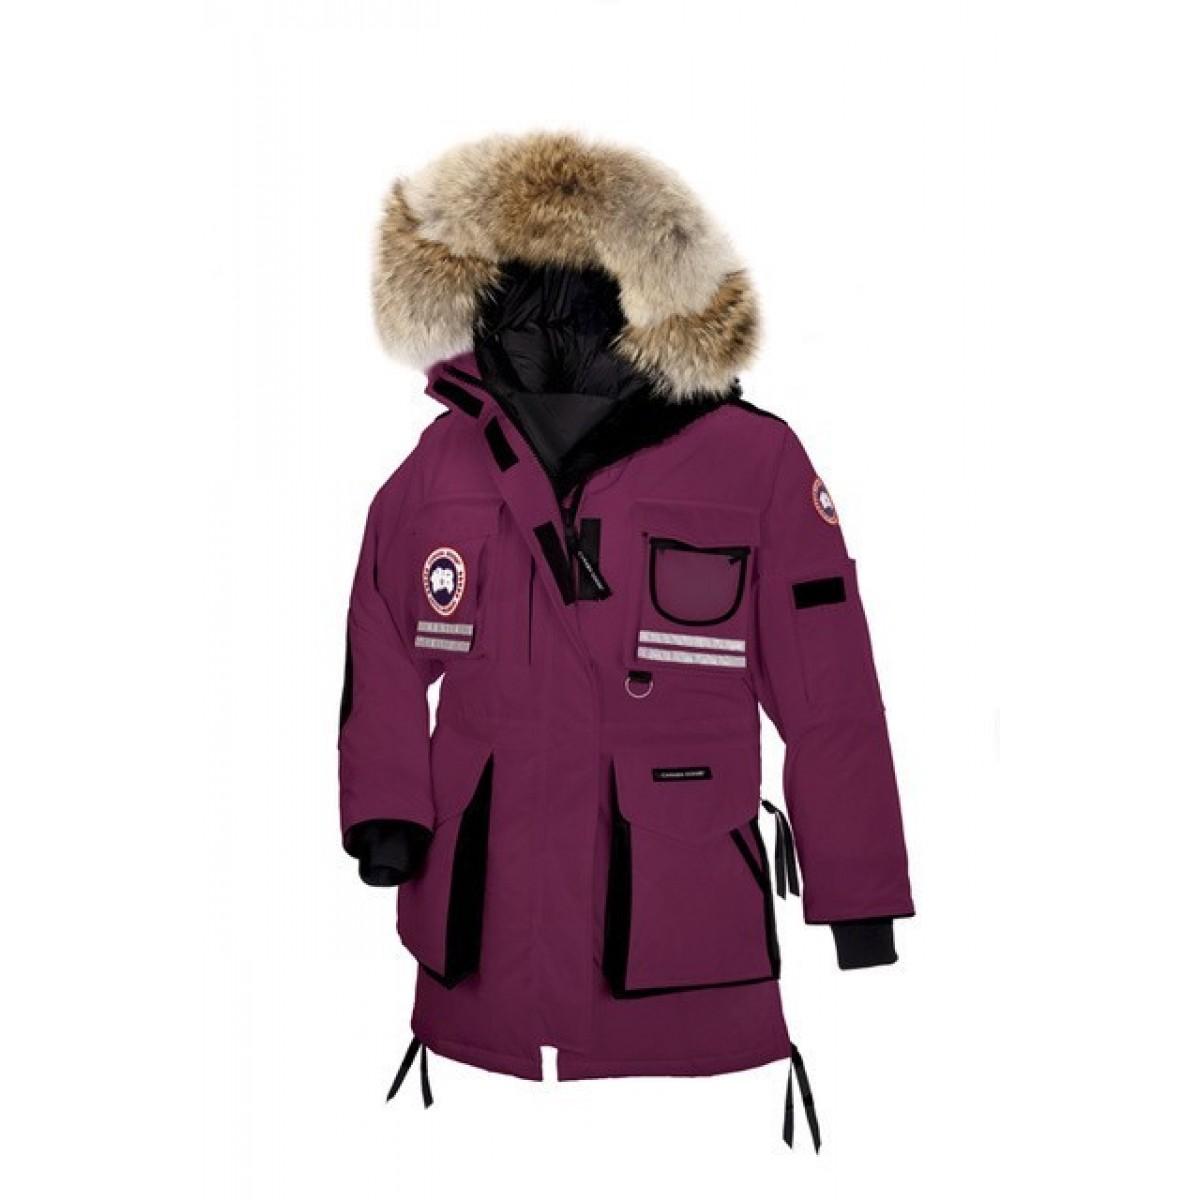 CANADA GOOSE SNOW MANTRA PARKA BERRY FEMME